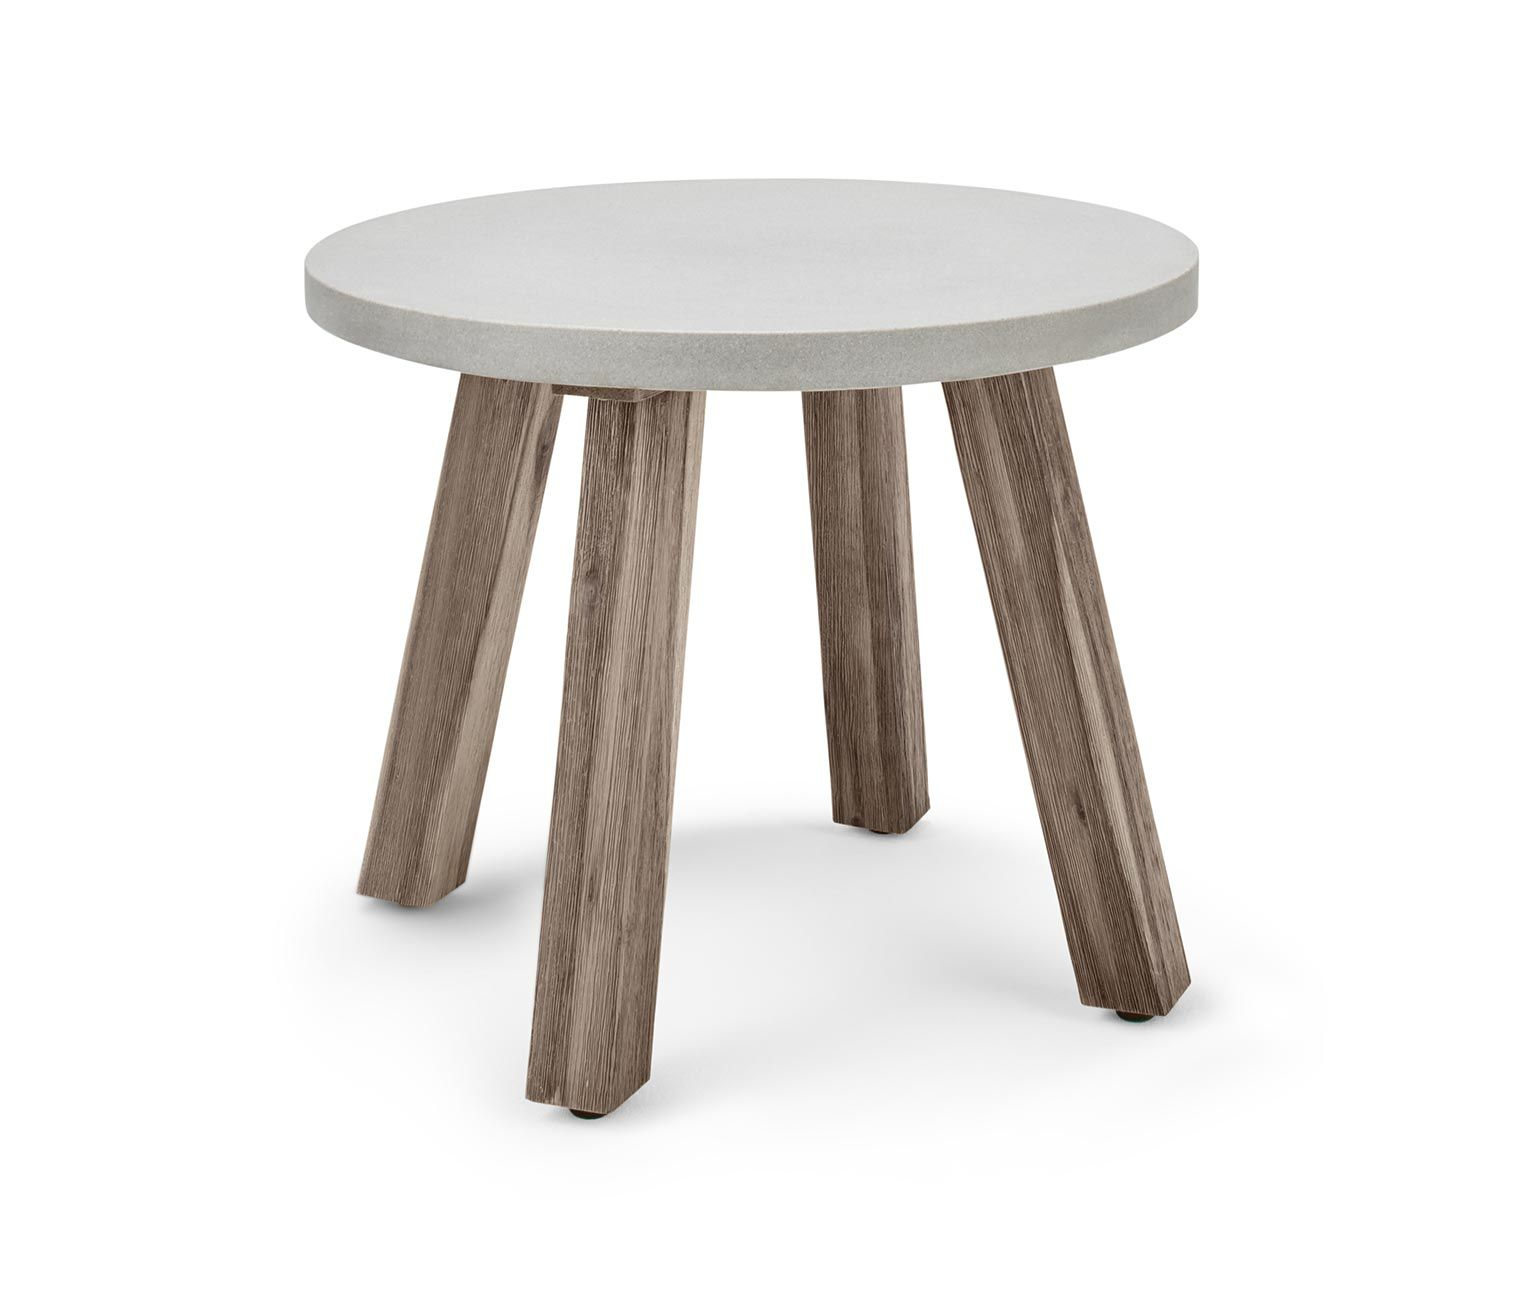 99 00 Fr Witterungsbestandige Gartenmobel Dieser Beistelltisch Ist Ebenso Praktisch Wie Dekorativ Beistelltisch Gartenmobel Tisch